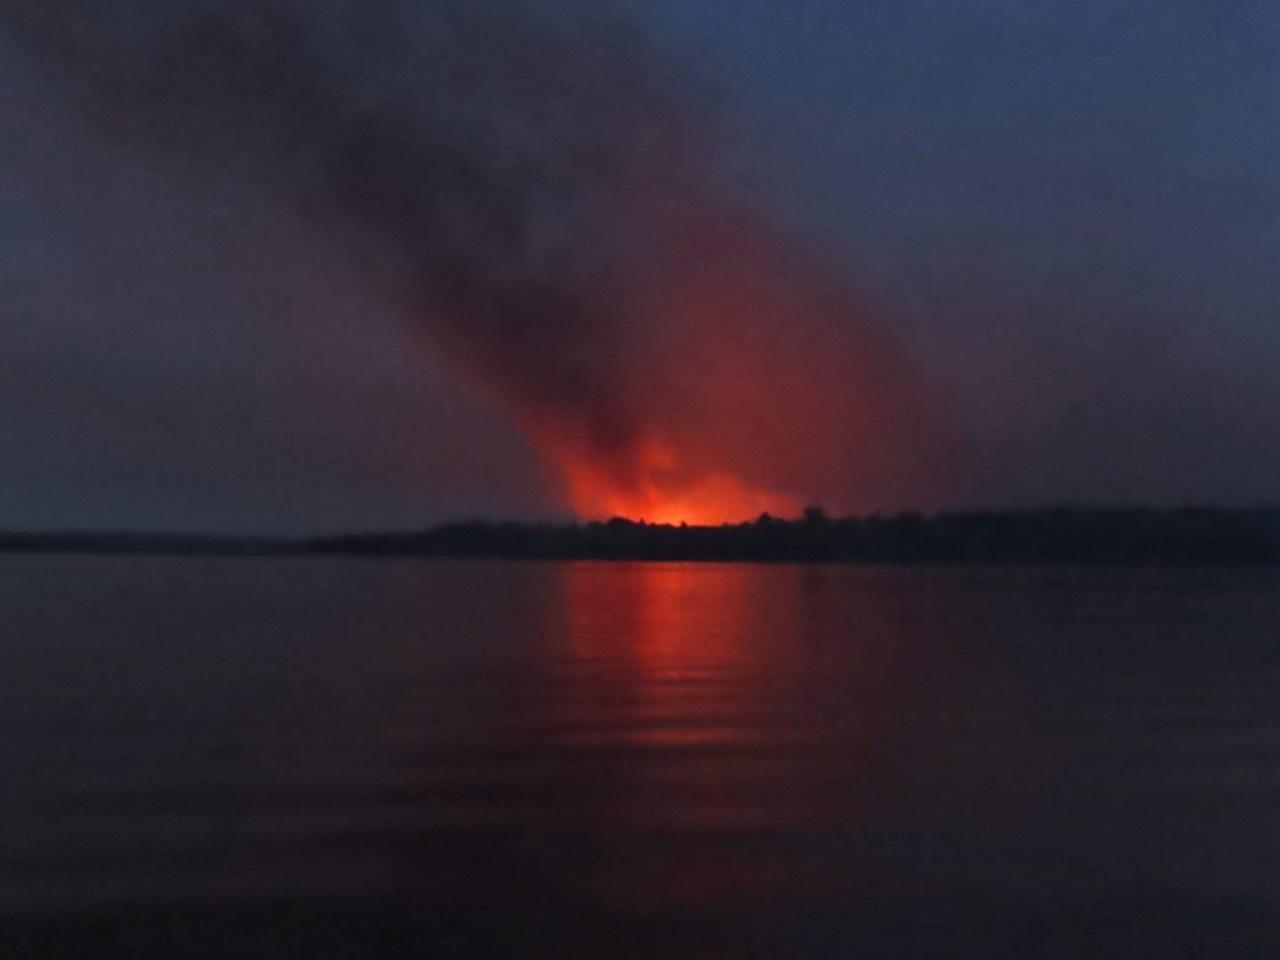 O incêndio acontece em um momento em que Alter do Chão passa por uma fase especial, com um movimento crescente de turistas. Foto Emi Okada Pereira